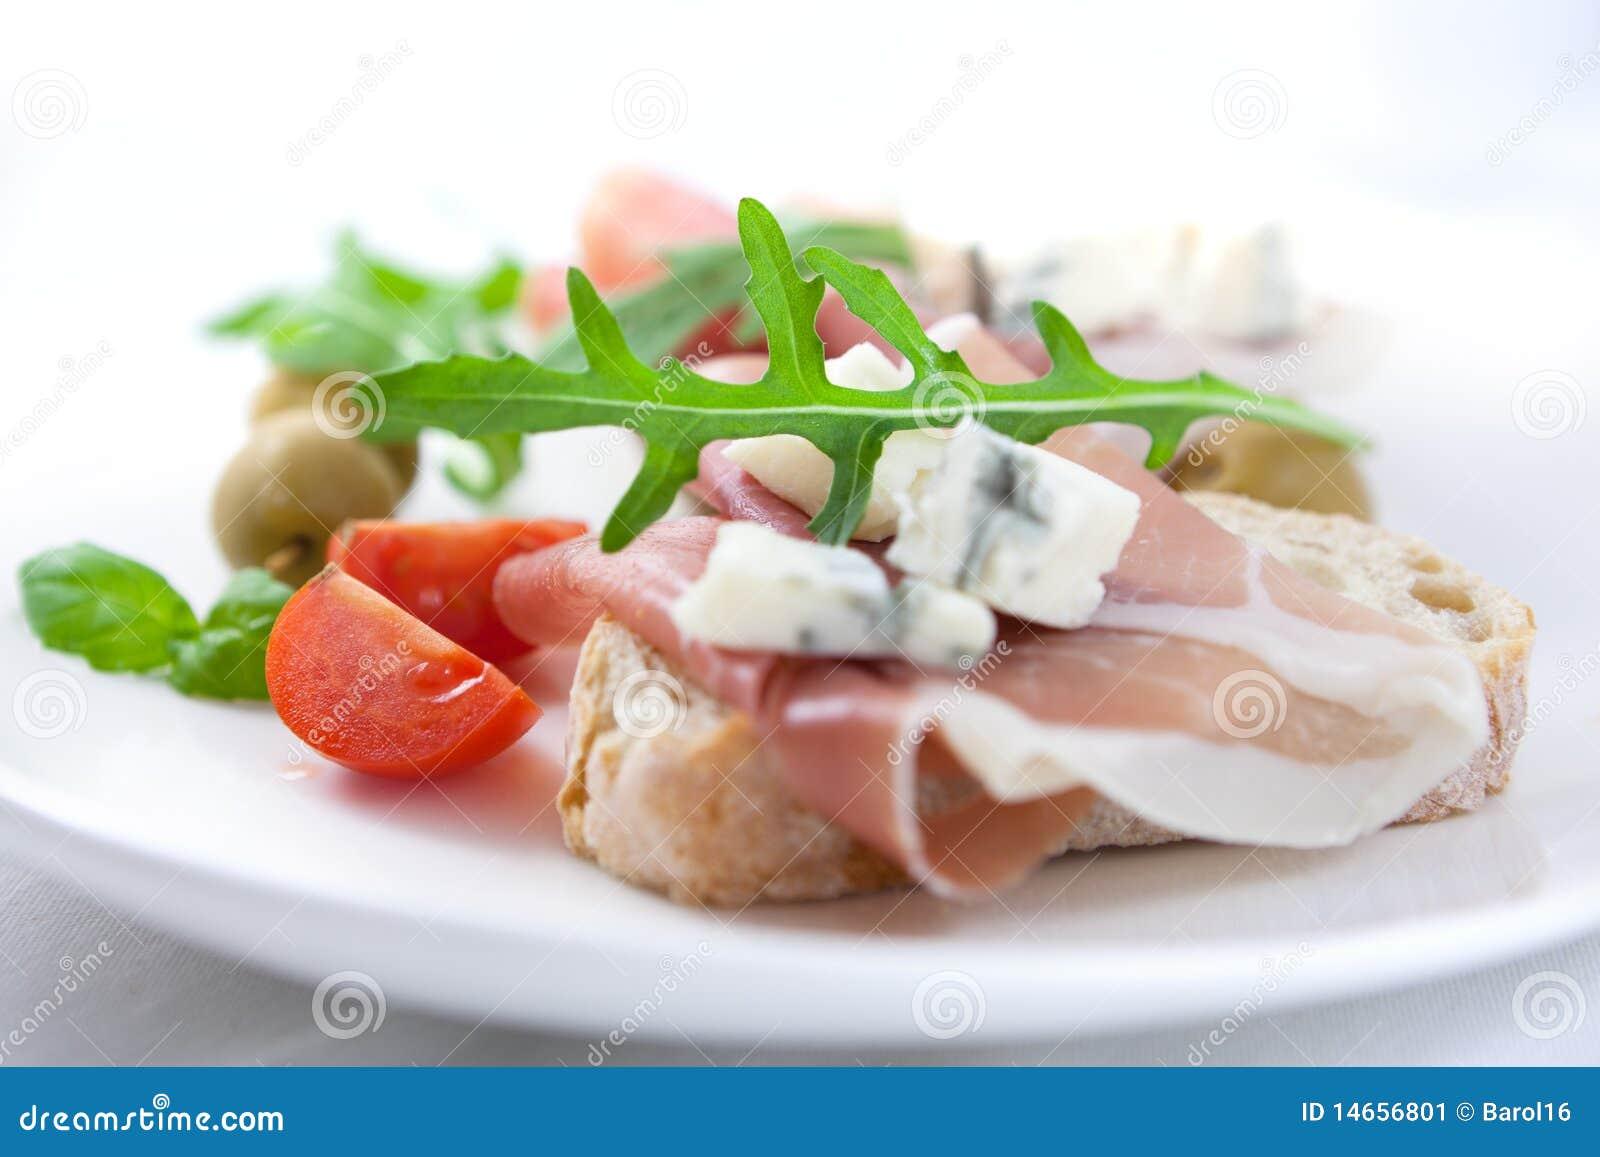 Canapes with prosciutto crudo and gorgonzola stock image for Prosciutto canape